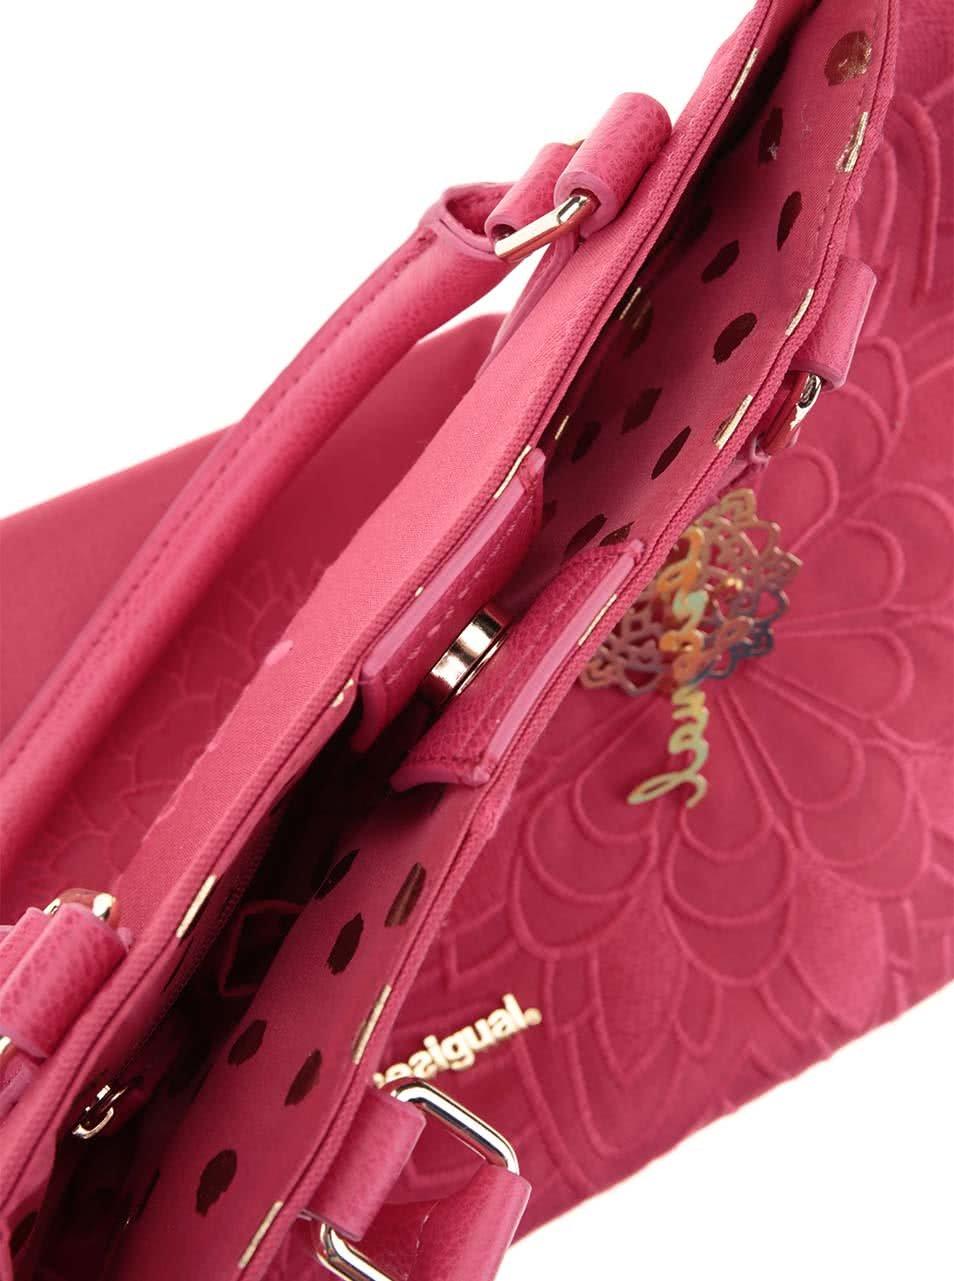 Fuchsiová kabelka s detaily v zlaté barvě Desigual Florida ... 78ecabbe8b7